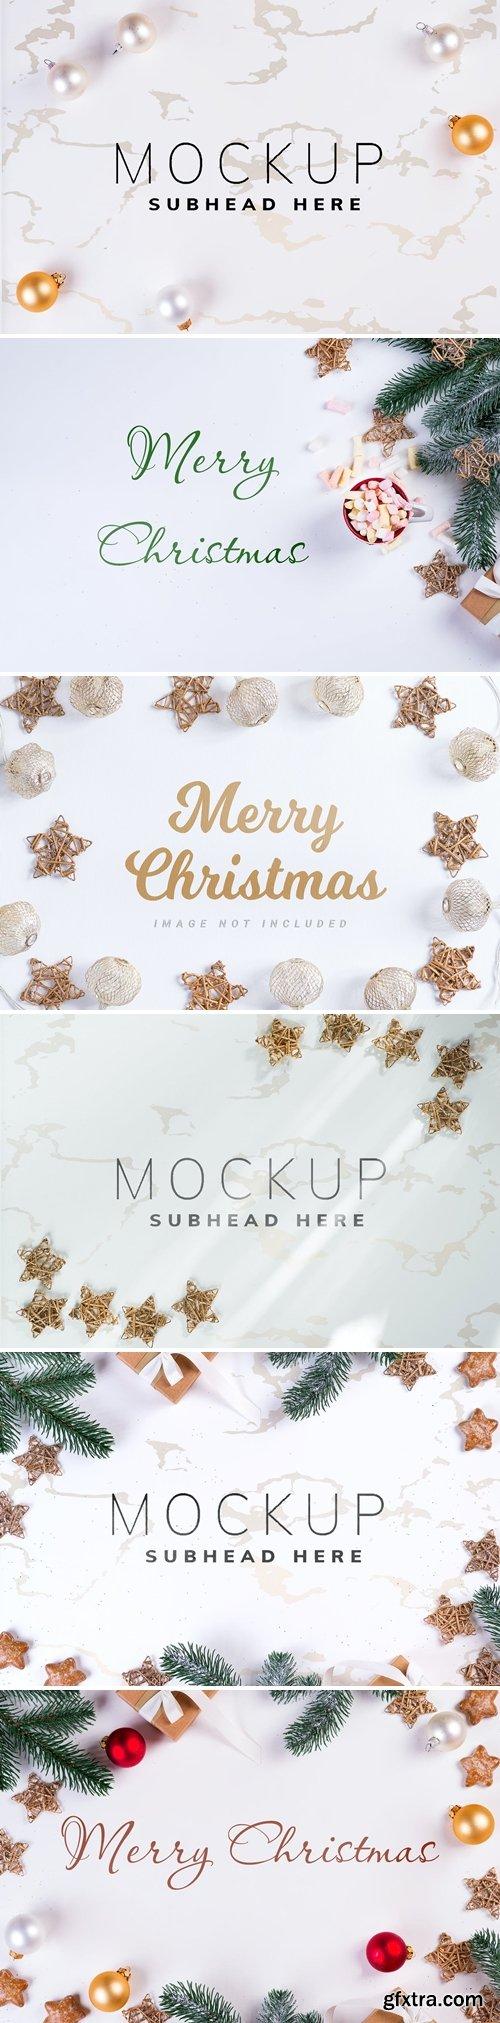 Christmas background mockup